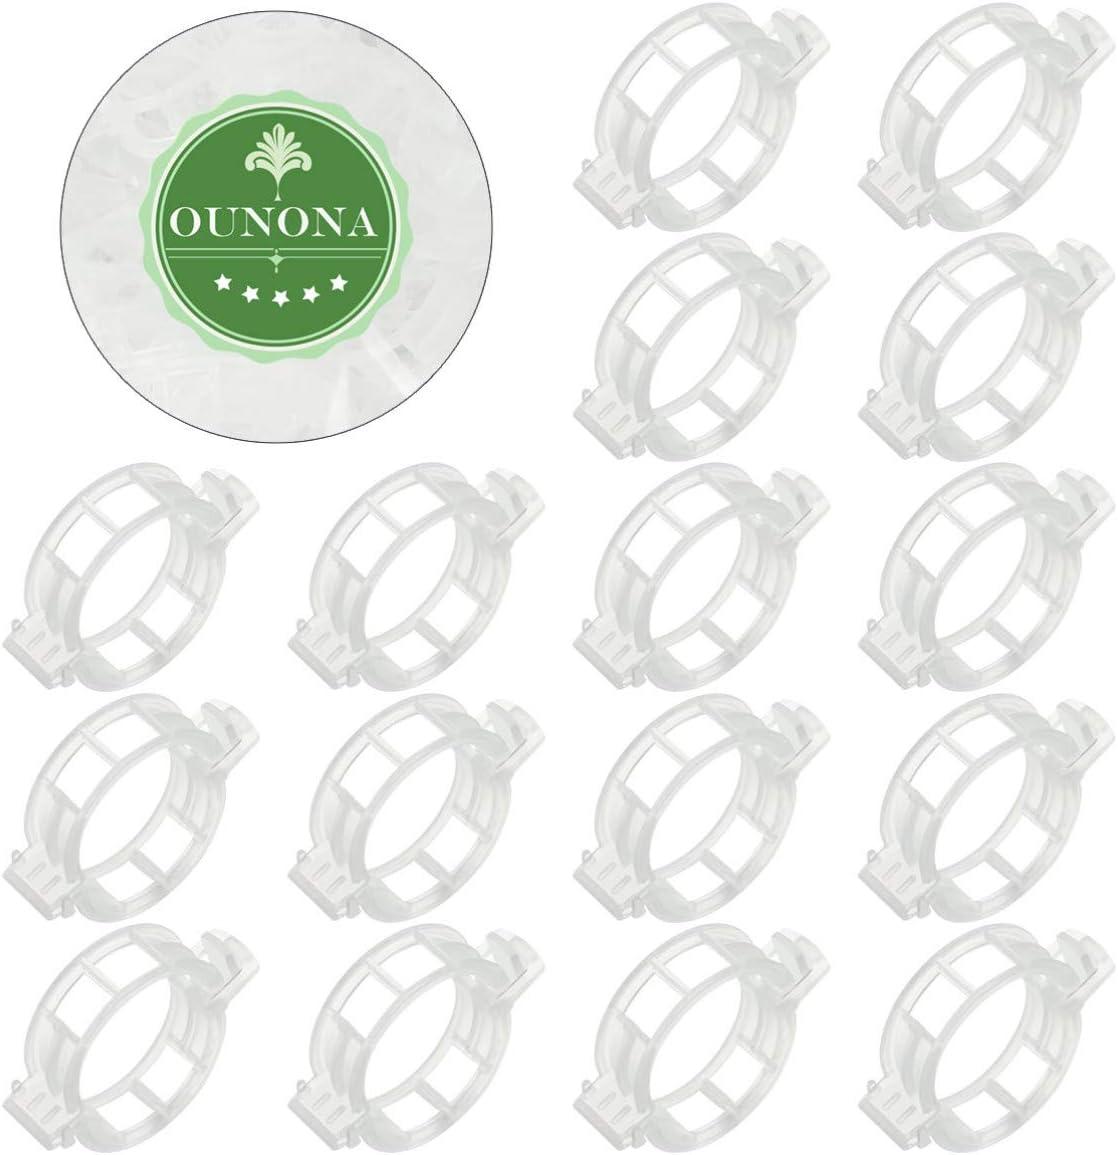 Yardwe 100pcs en Plastique Clip Plante Vigne legumes Support Clips Tomate Treillis Boucle pour Serre Jardin